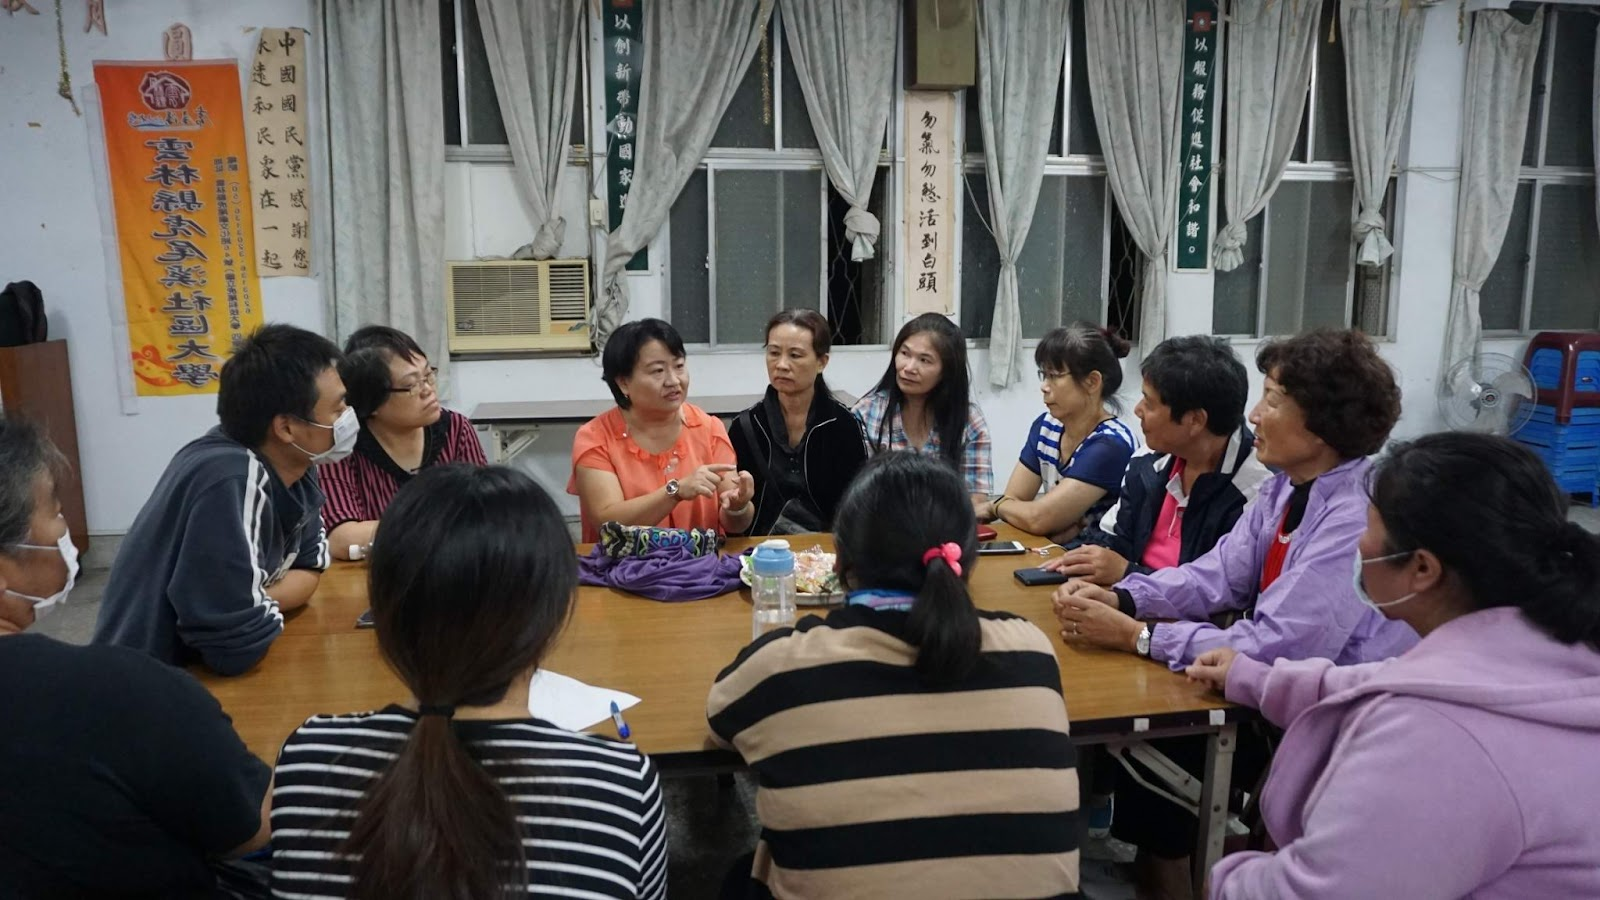 【轉載】全台首例以鄉村婦女作為實踐主體之參與式預算